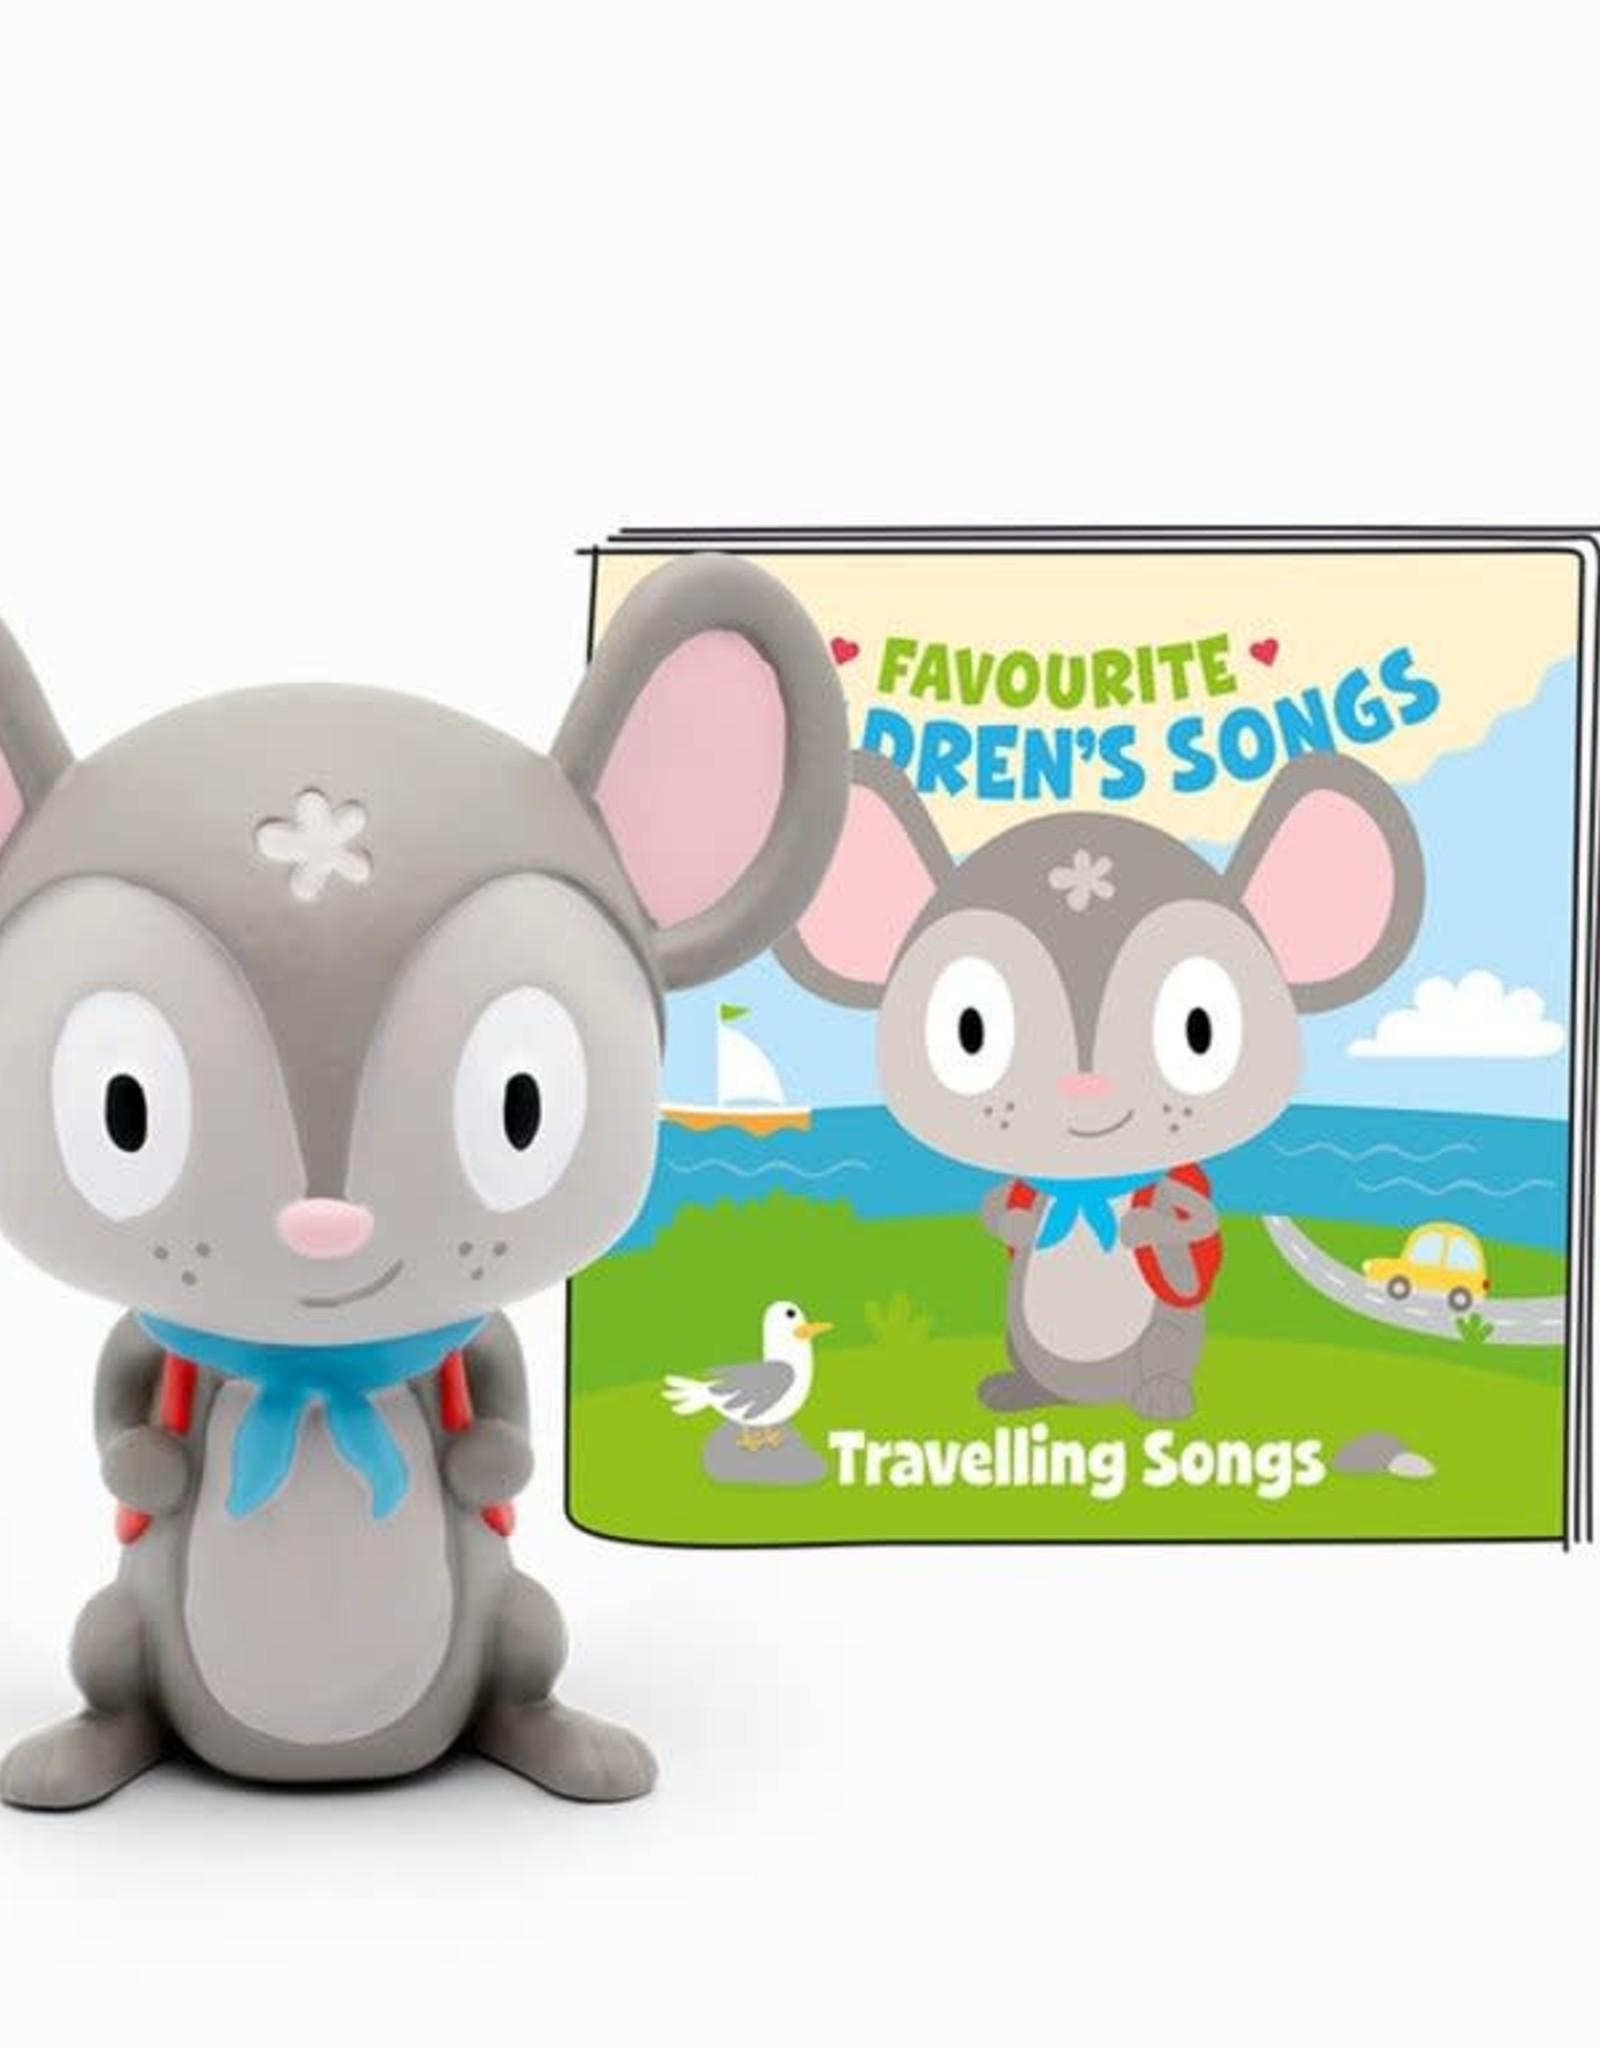 CHILDREN'S SONGS - TRAVELING SONGS TONIES